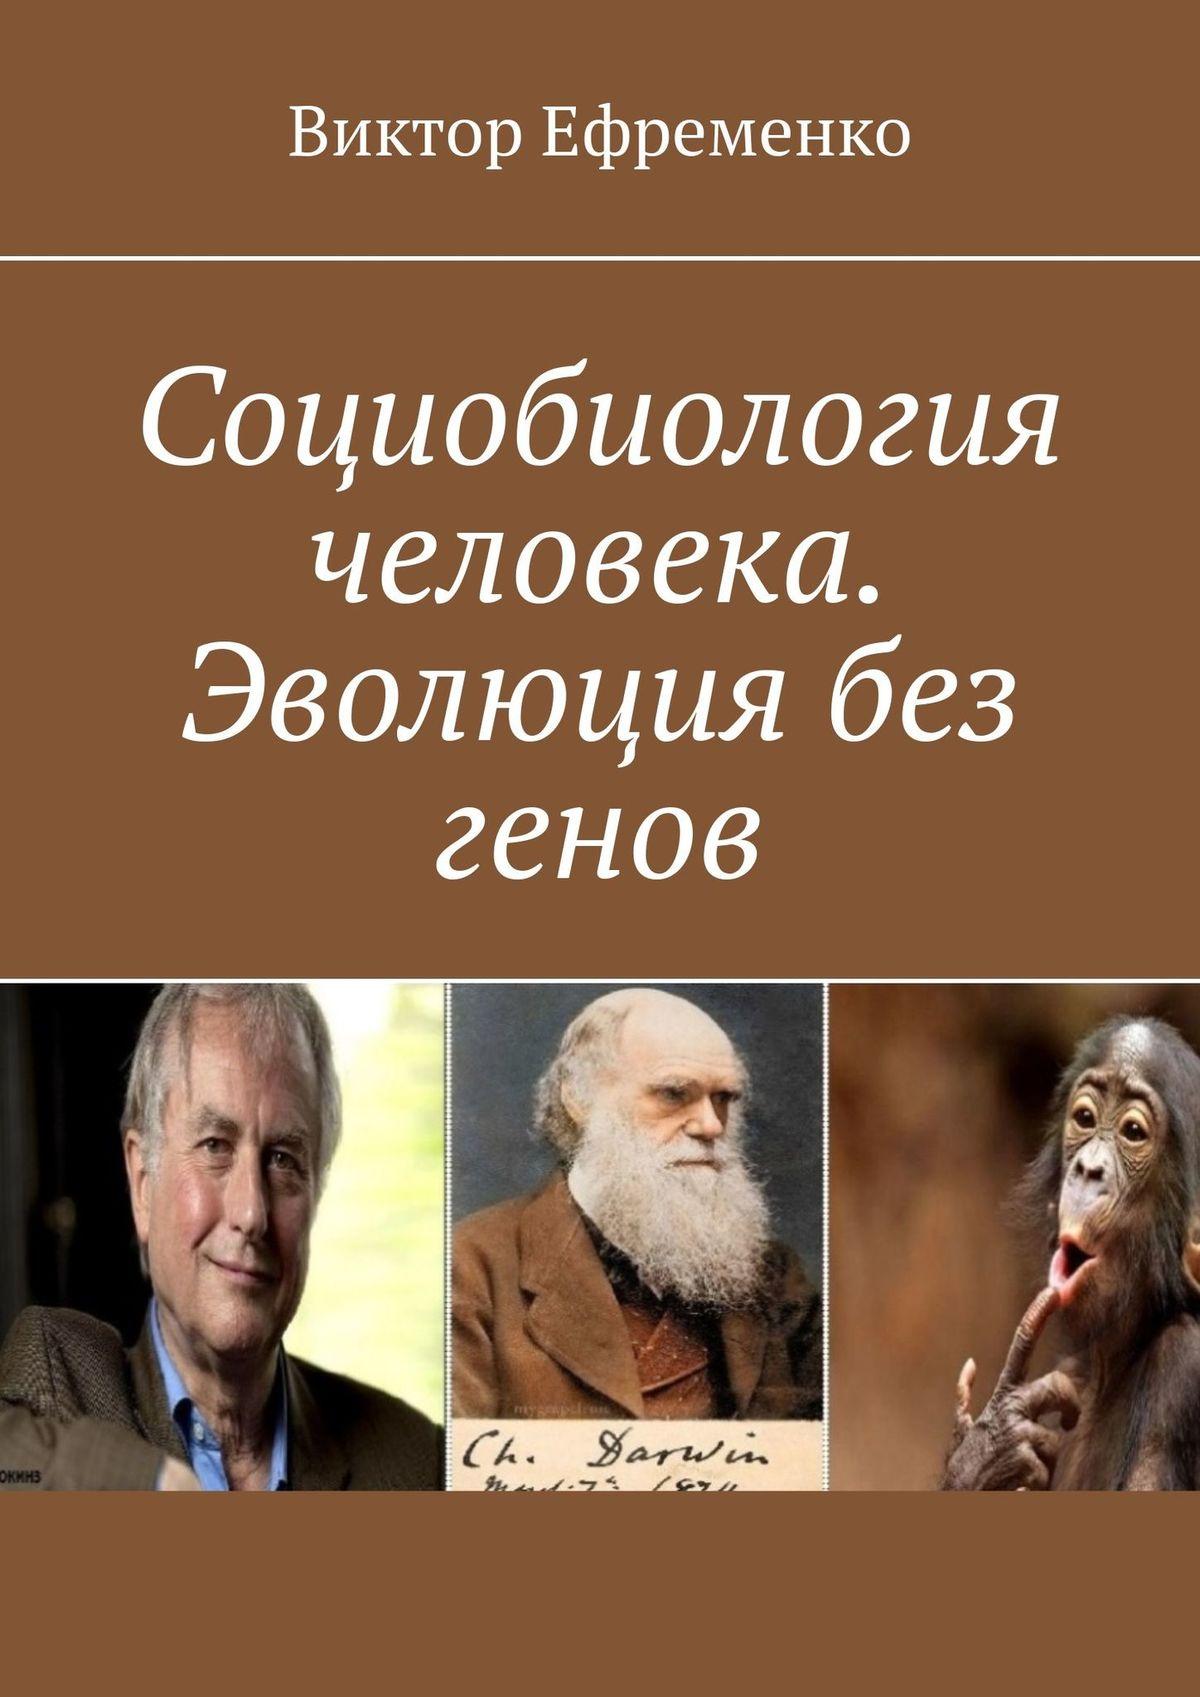 Виктор Андреевич Ефременко Социобиология человека. Эволюция без генов. Социальная (культурная) эволюция